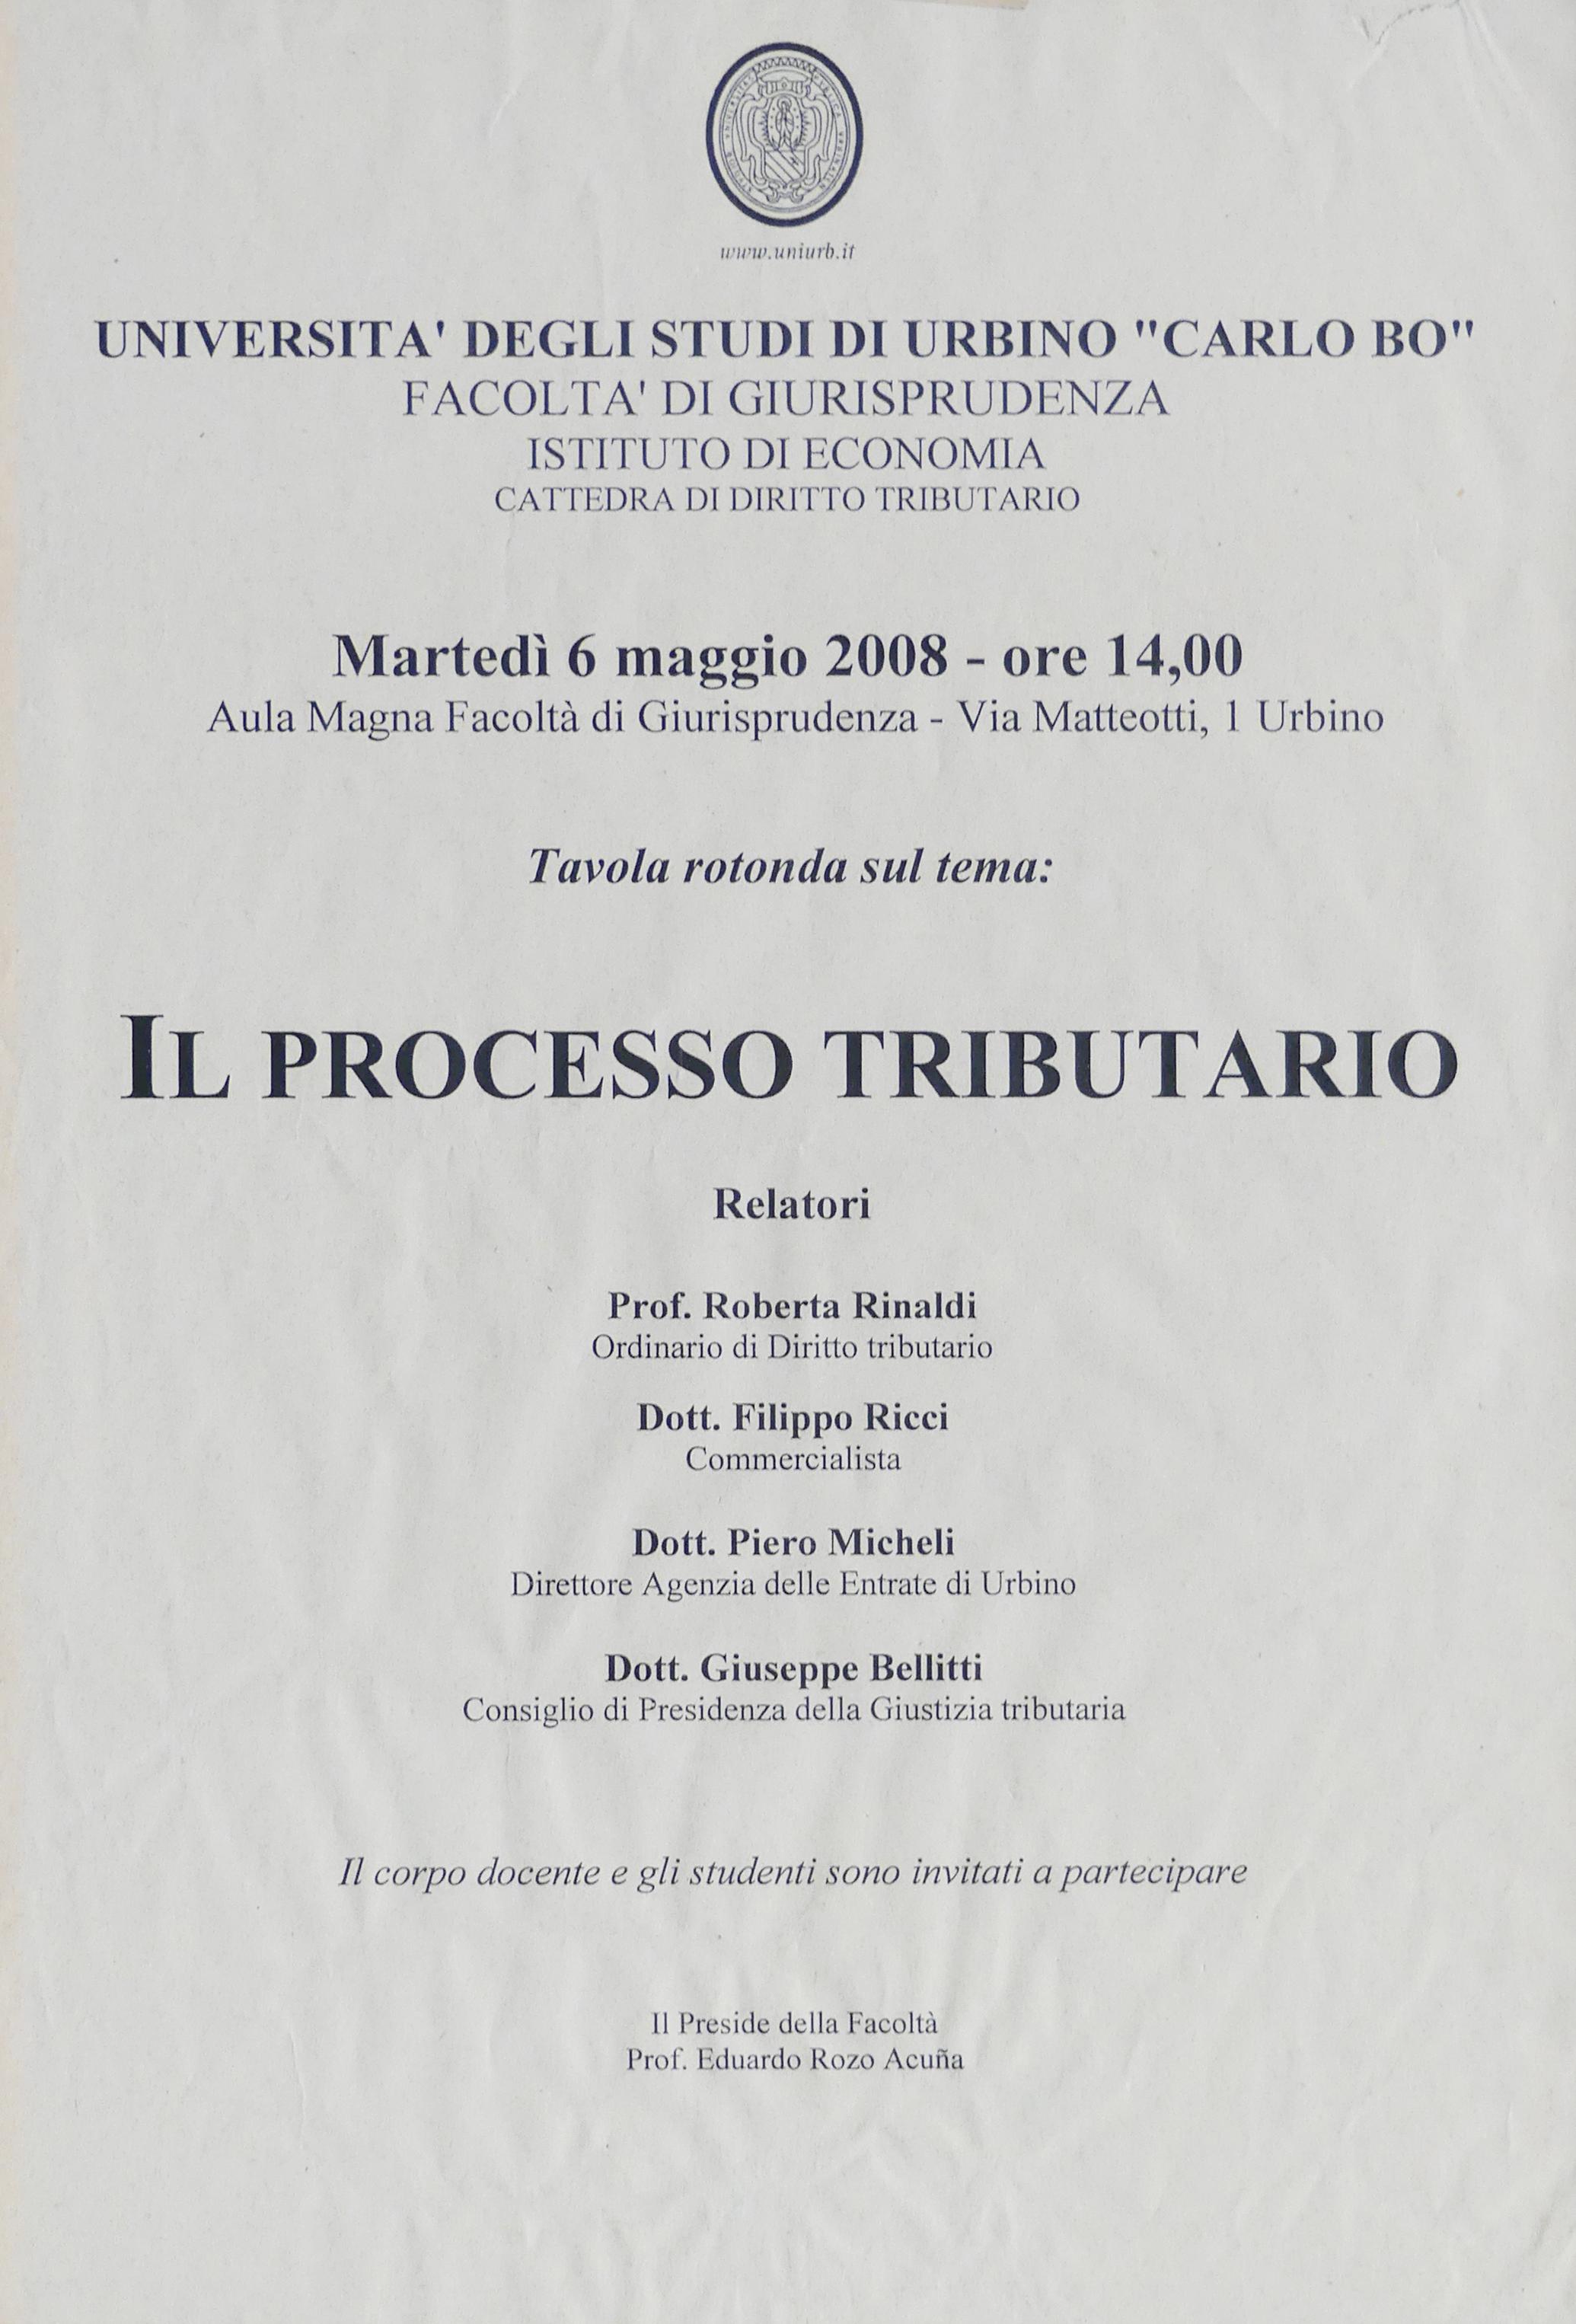 2008-05-06_Il Processo Tributario